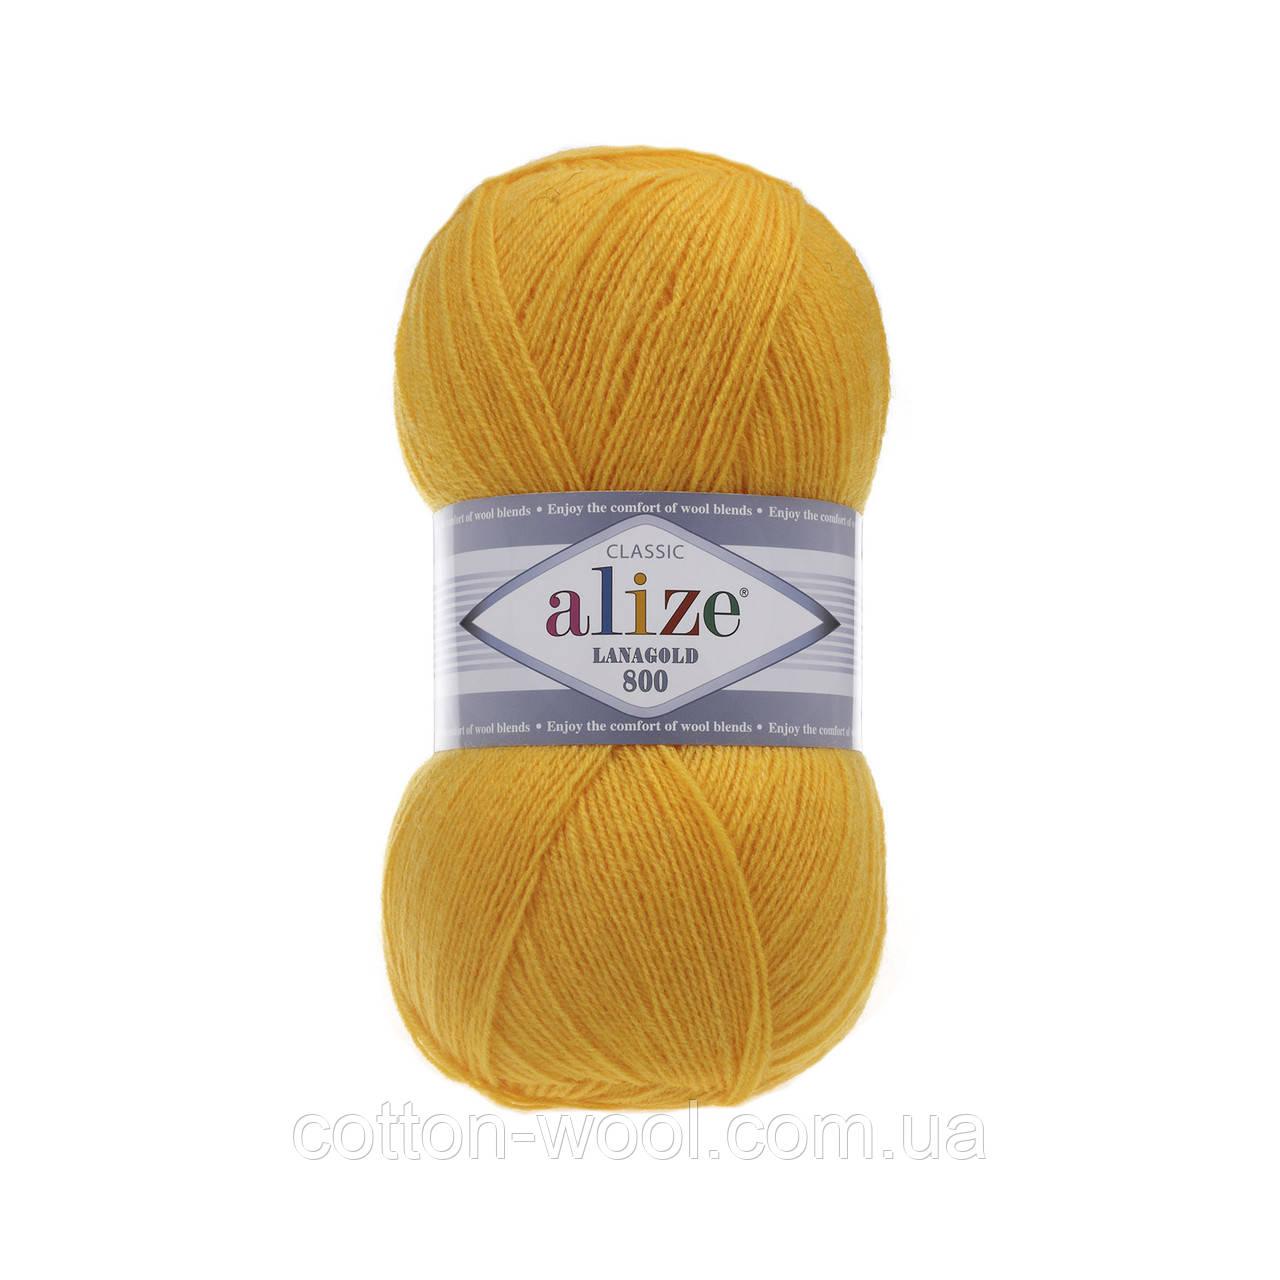 Alize Lanagold 800 (Ализе Ланаголд 800)  216